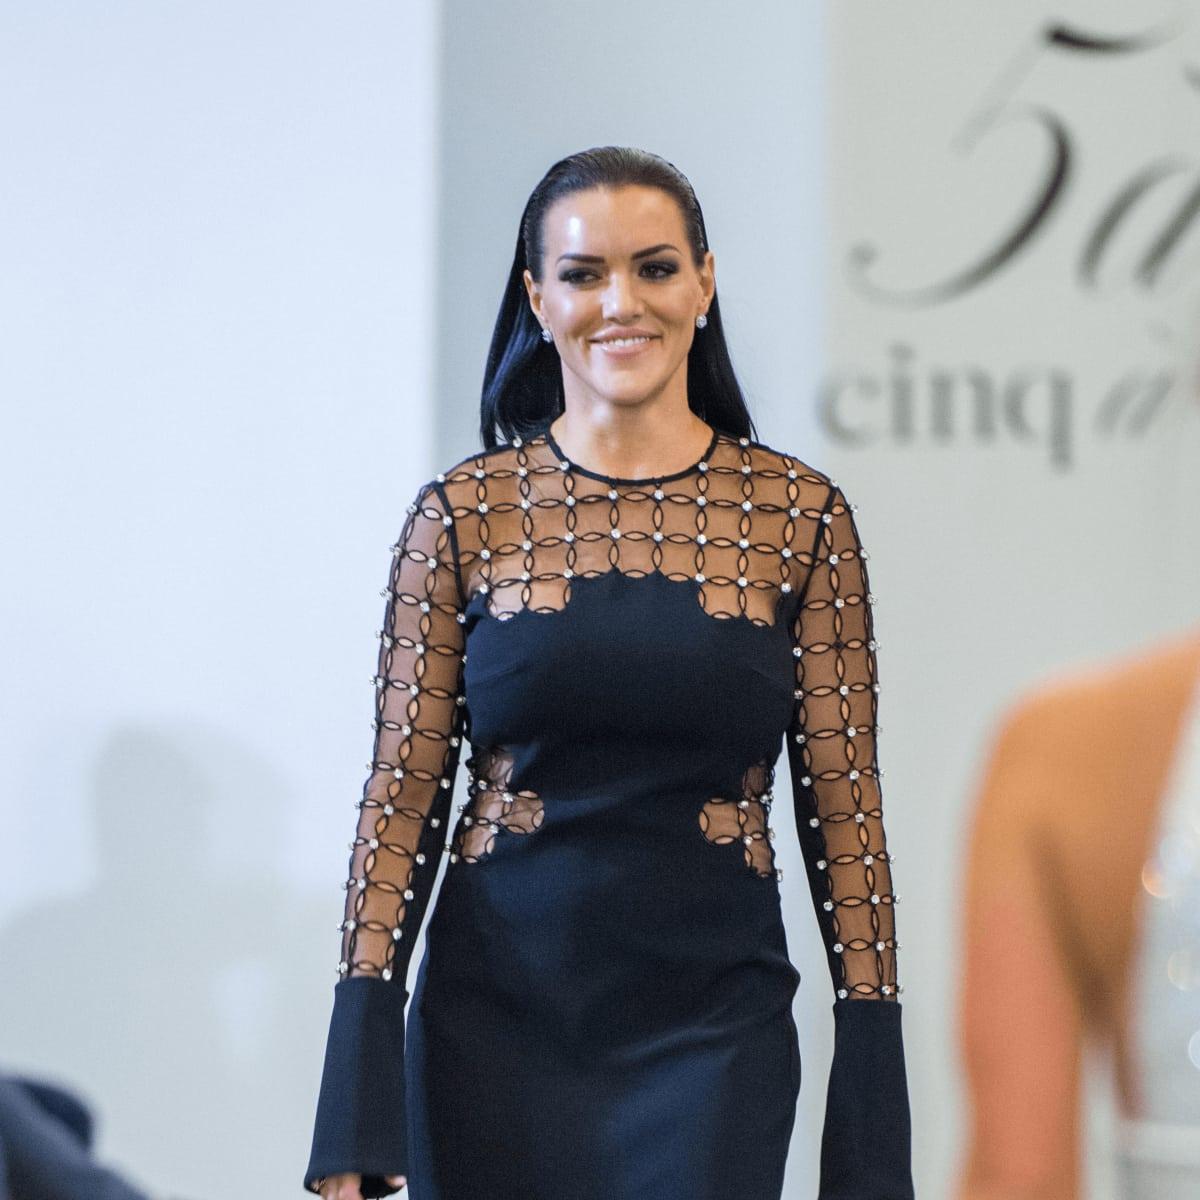 Fresh Faces of Fashion 8/16, Megan Cushing